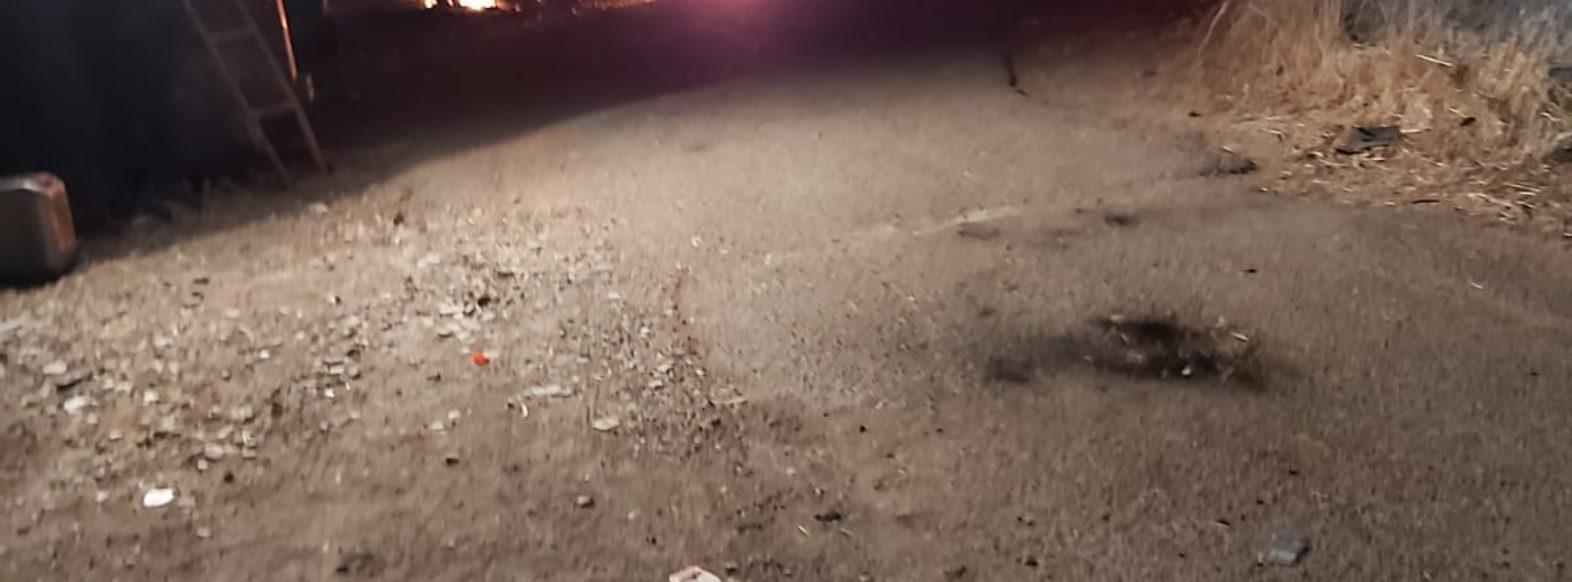 שלושה כלי רכב עלו באש בקריית אתא